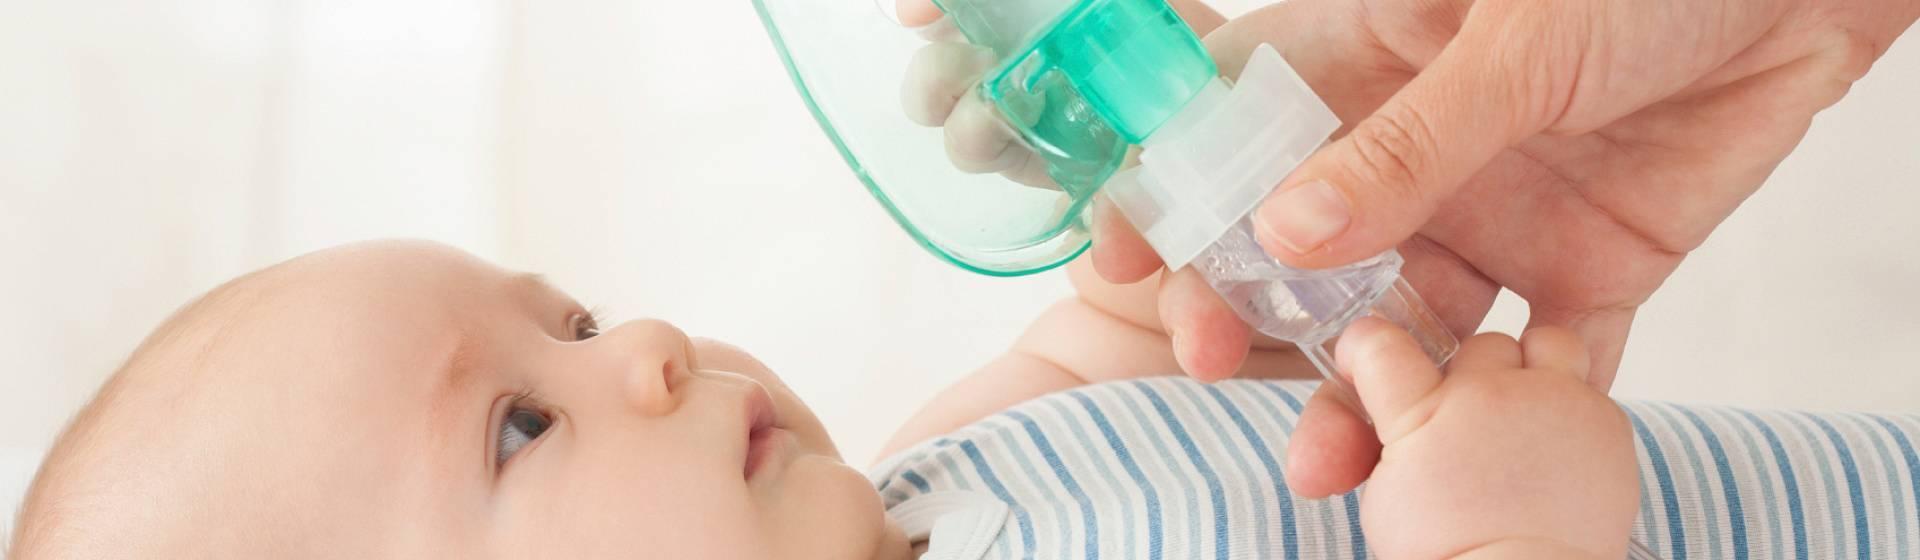 Дыхание у новорожденных детей во время сна